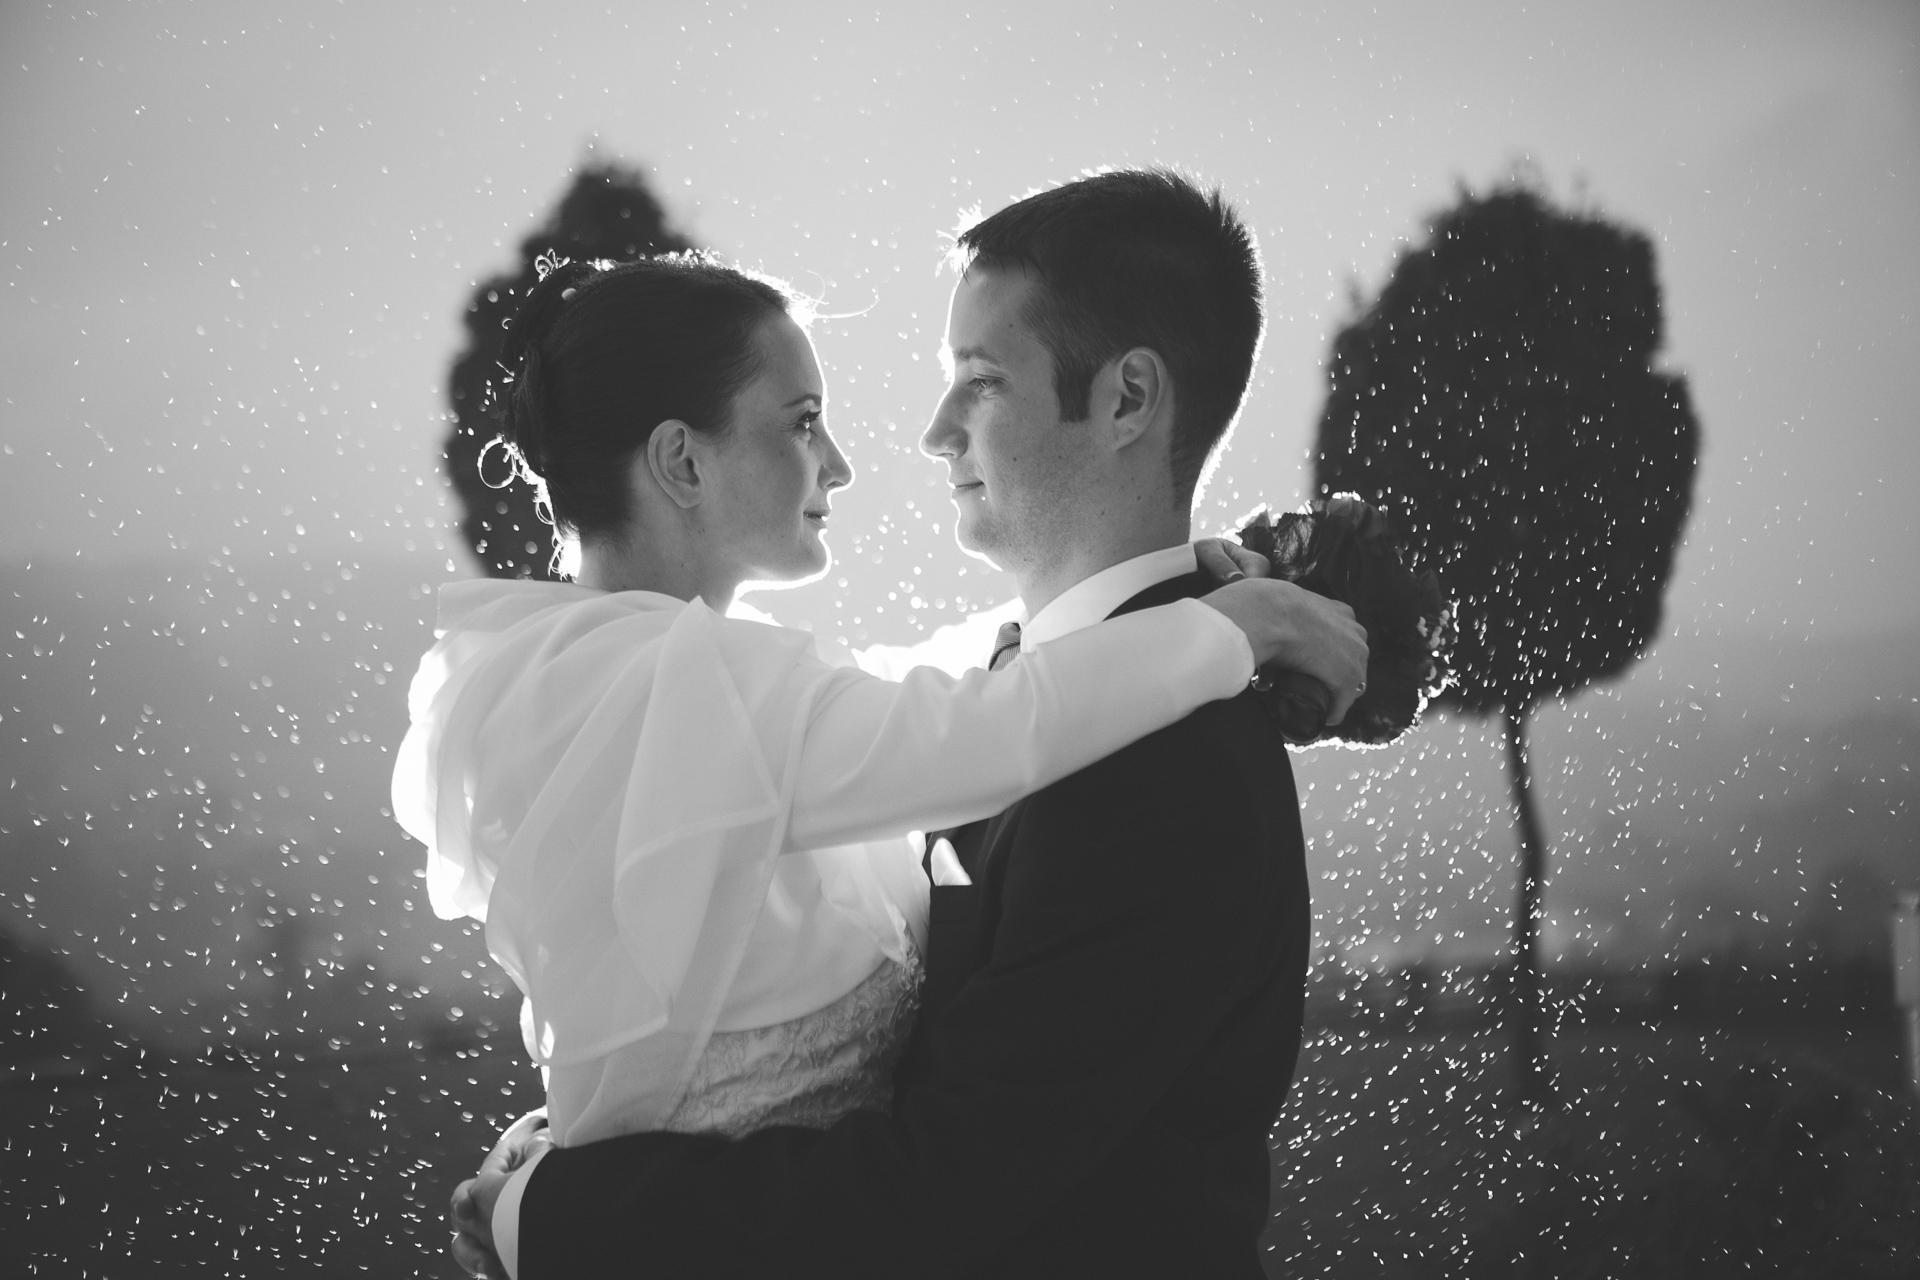 Ko soparen poročni dan popestri, nevihta in misliš, da bo ta uničila celotno poročno fotografiranje. Potem pa se začne jasniti in pojavi se da narediš ene najboljših poročnih fotografij.